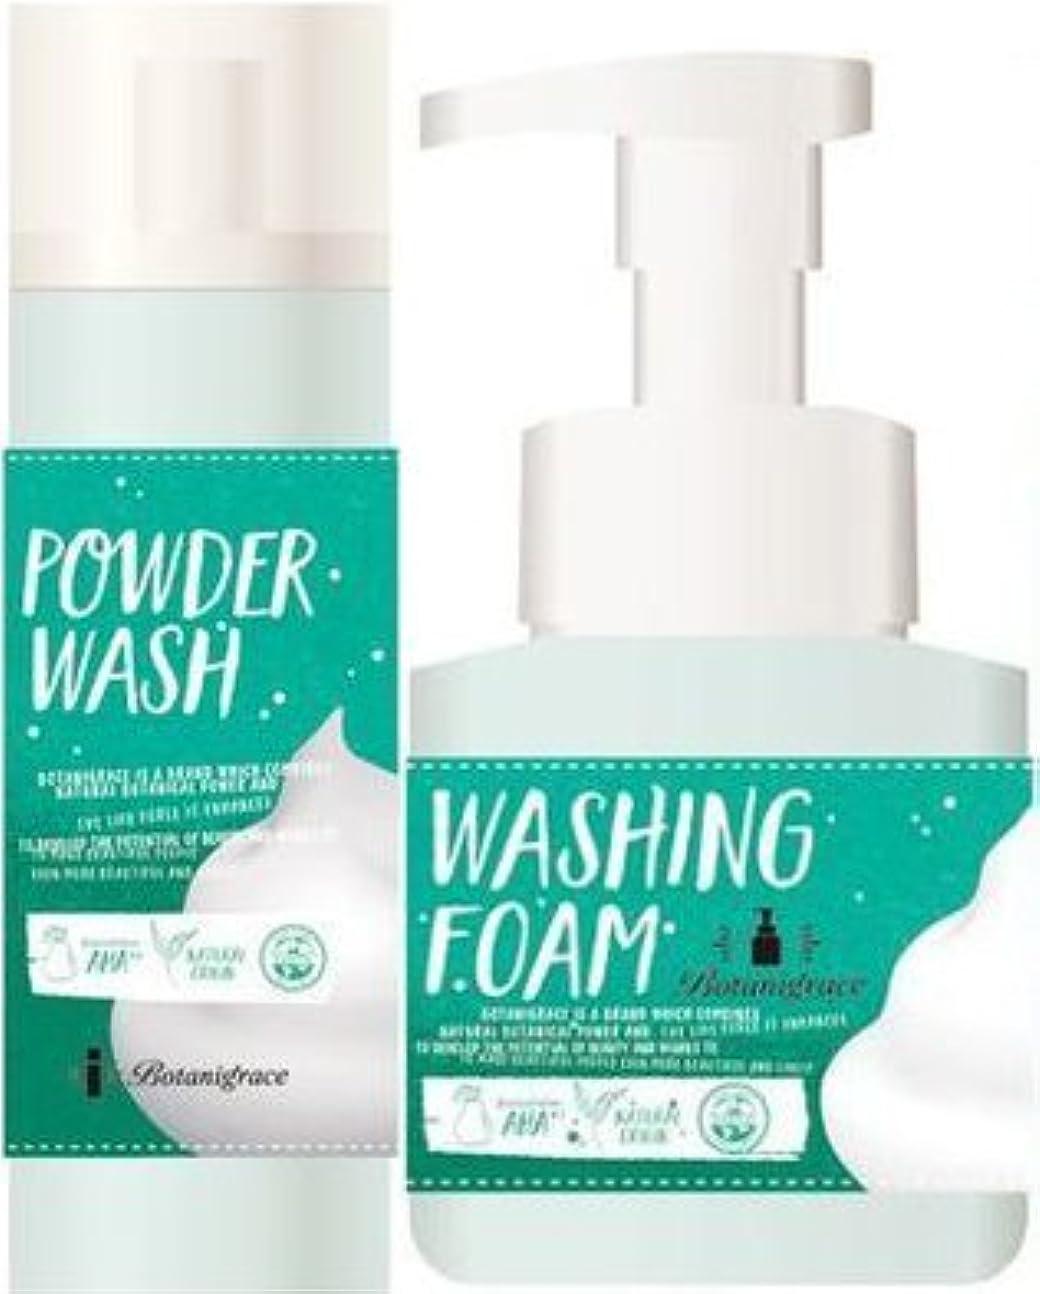 時間厳守服を洗う強度ボタニグレース ブラック酵素洗顔パウダー 70g + バブルピール泡洗顔 150ml